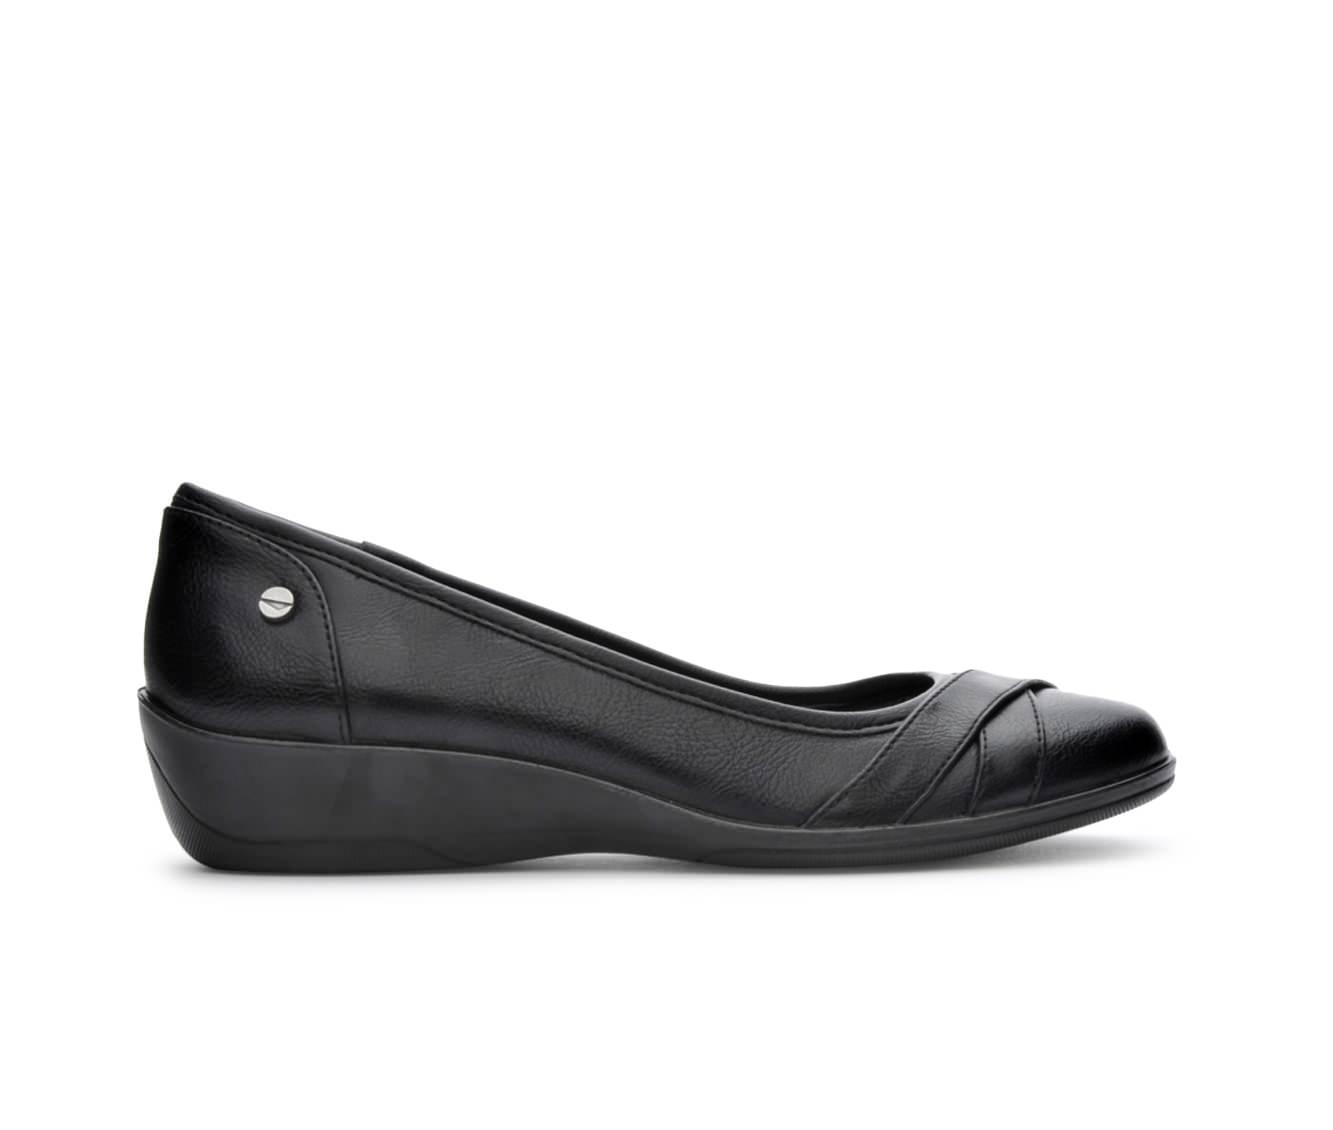 LifeStride Iloyal Women's Shoe (Black Faux Leather)